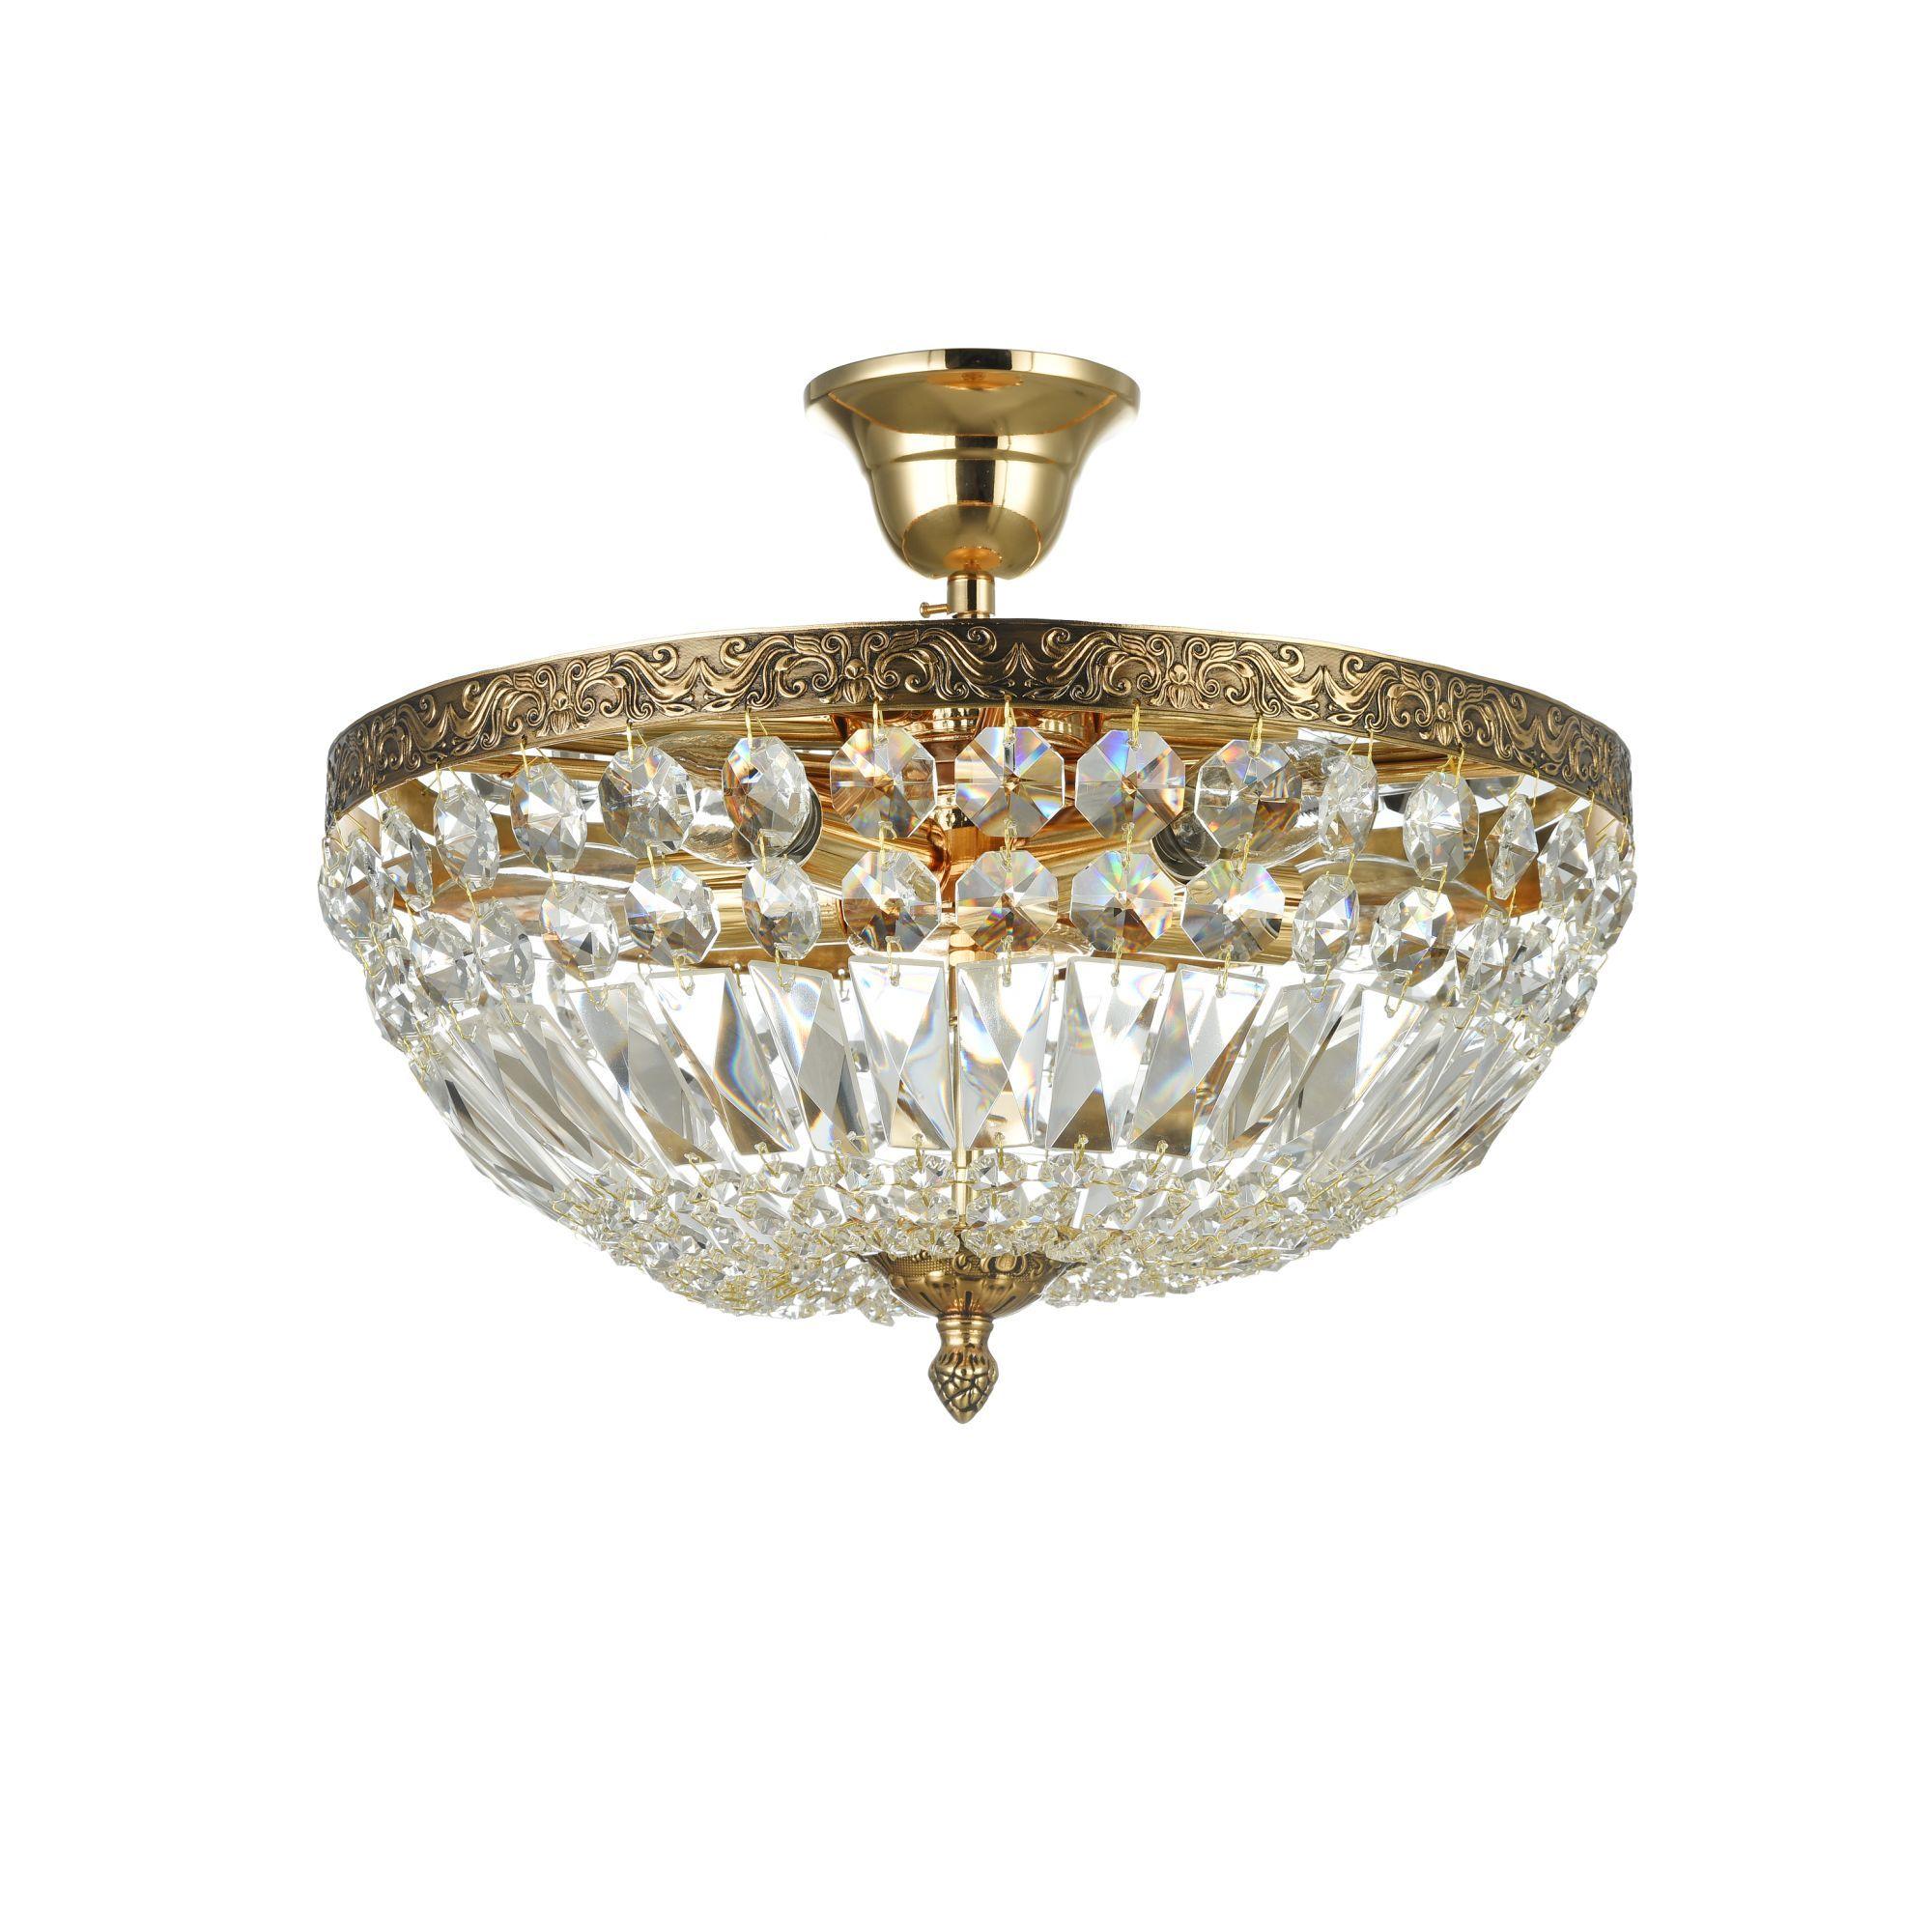 Потолочная люстра Maytoni Tiara DIA500-CL-30-05-G (b500-pt30-g), 5xE14x60W, черненое золото, прозрачный, металл, хрусталь - фото 3